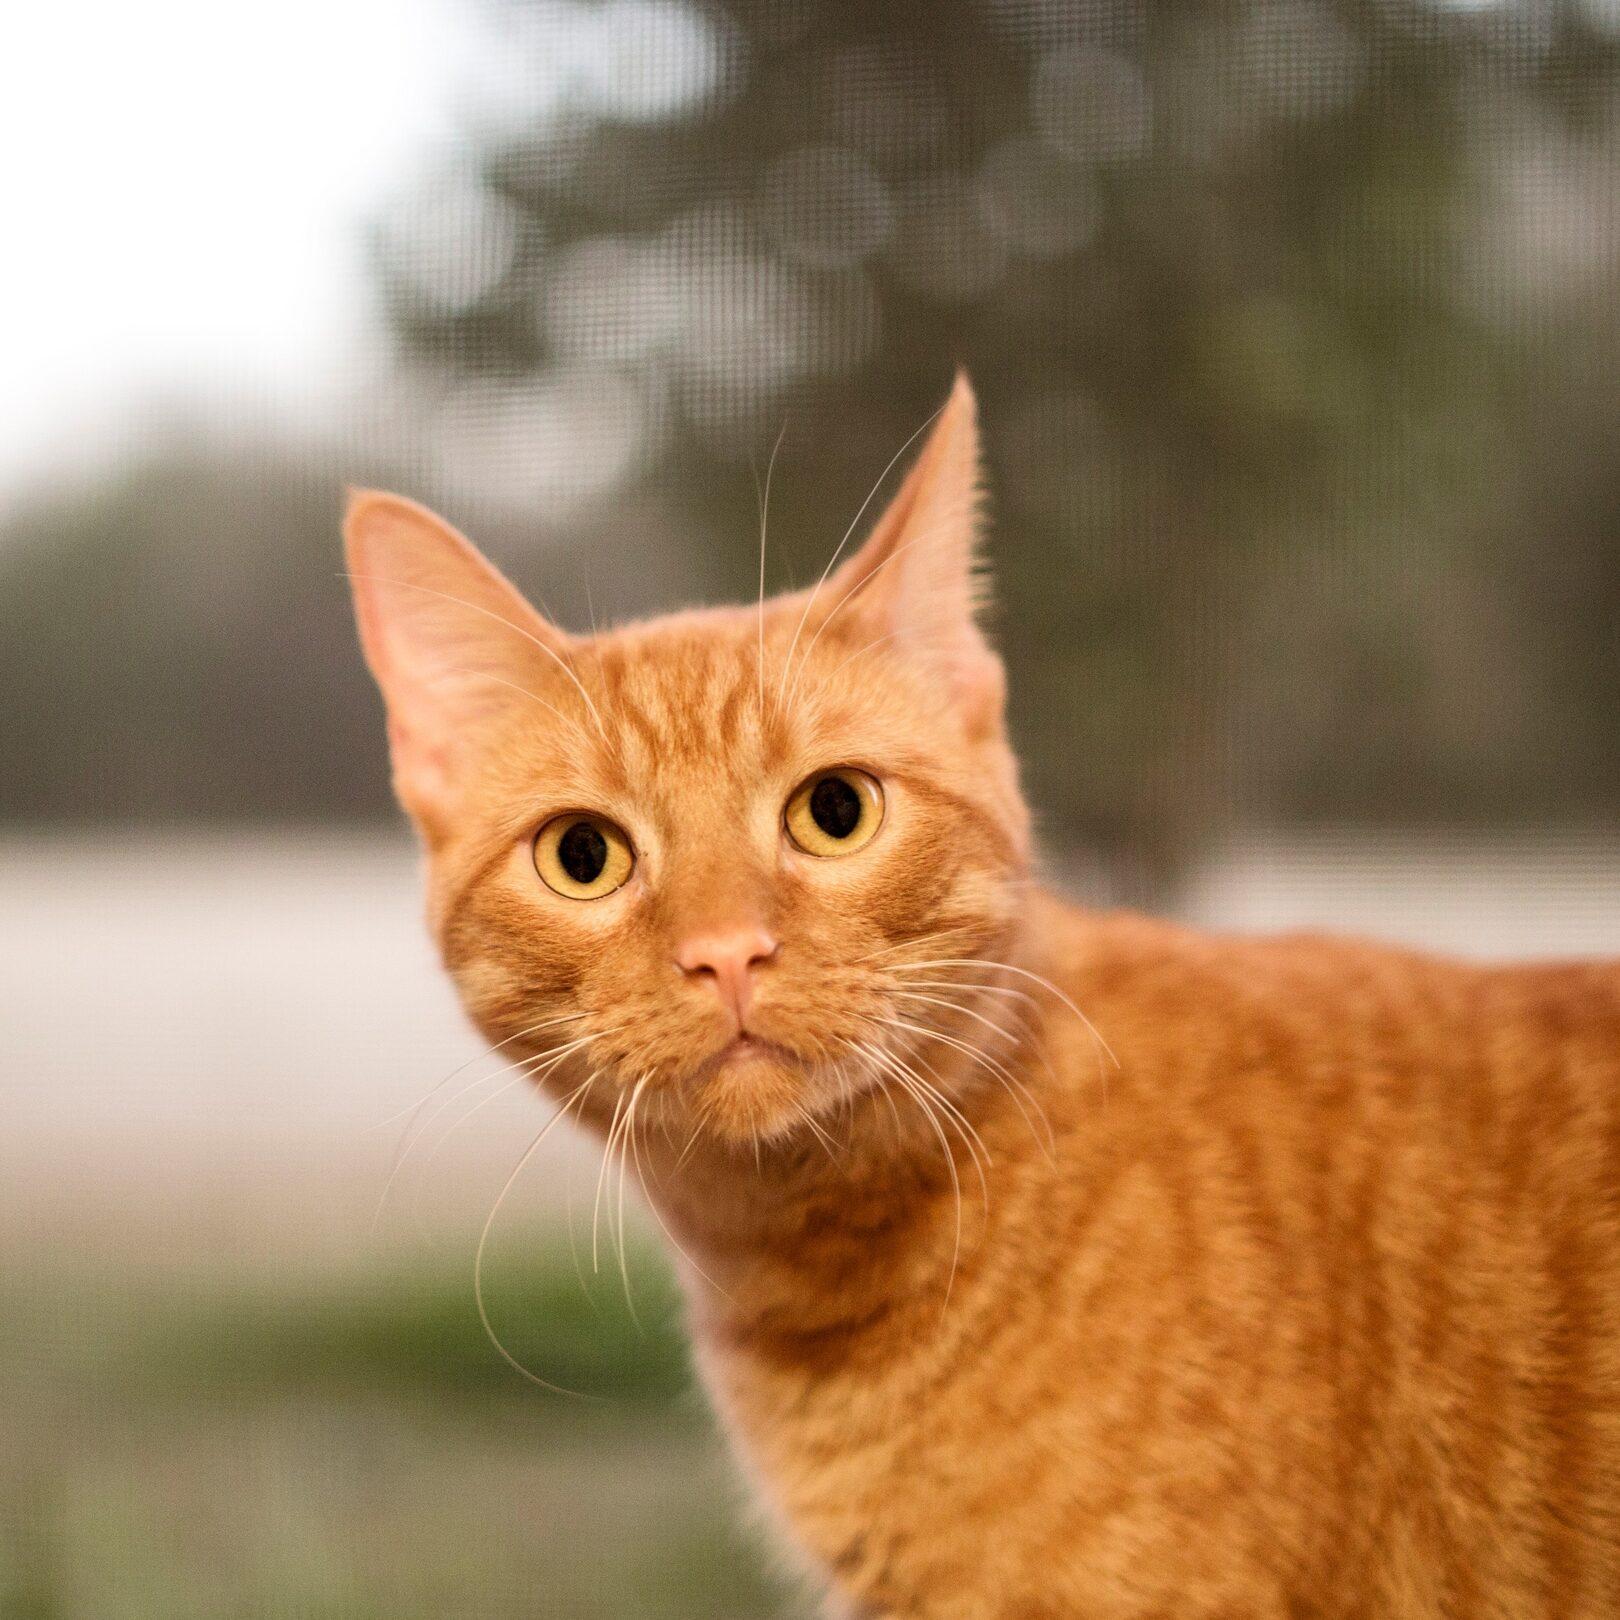 rsz_butter-cat